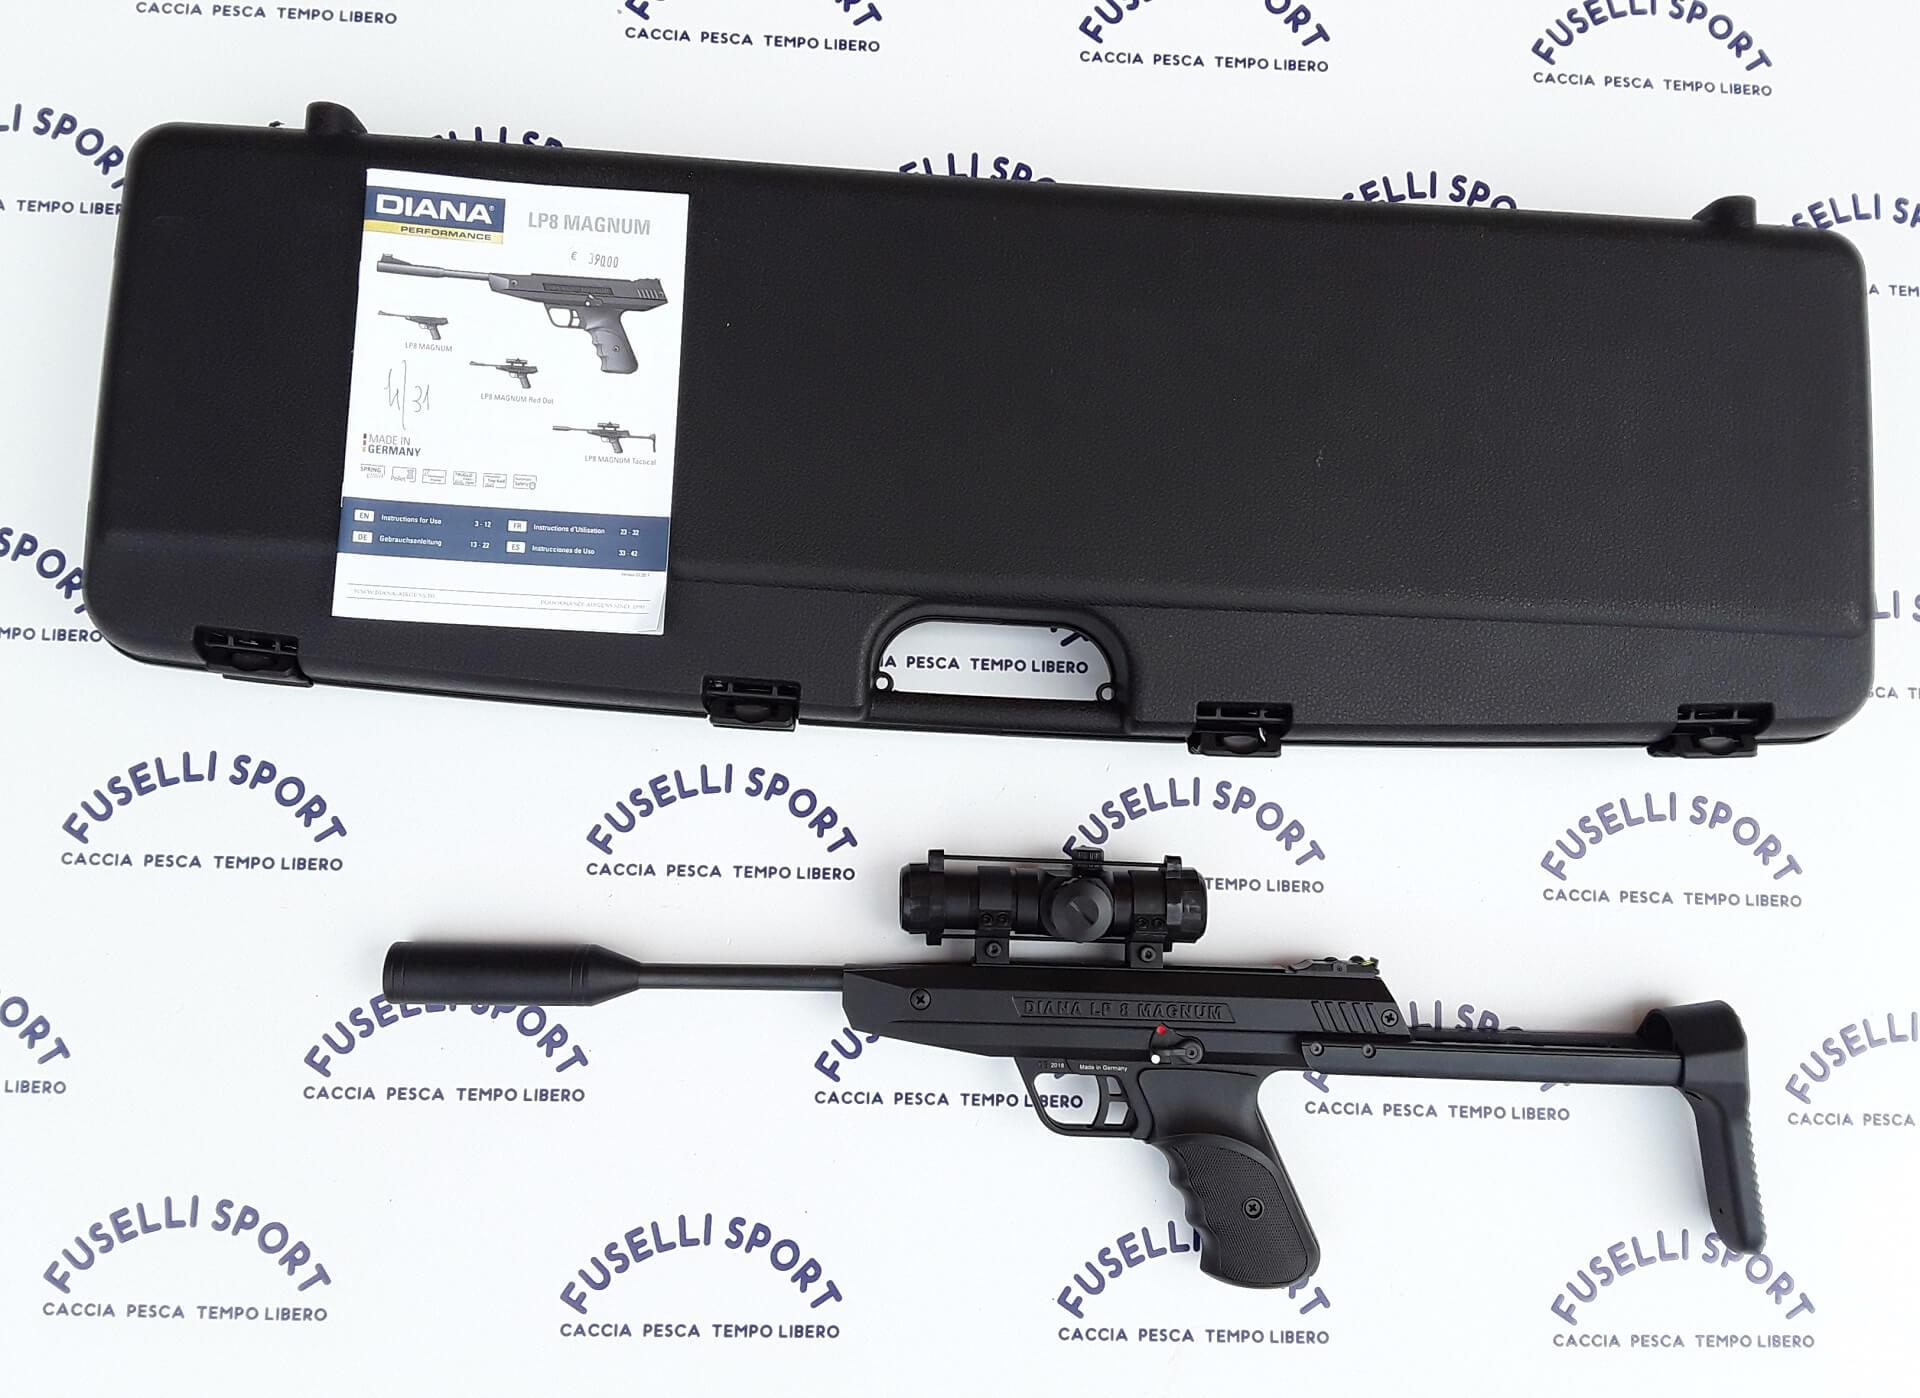 Diana lp8 Magnum con valigetta